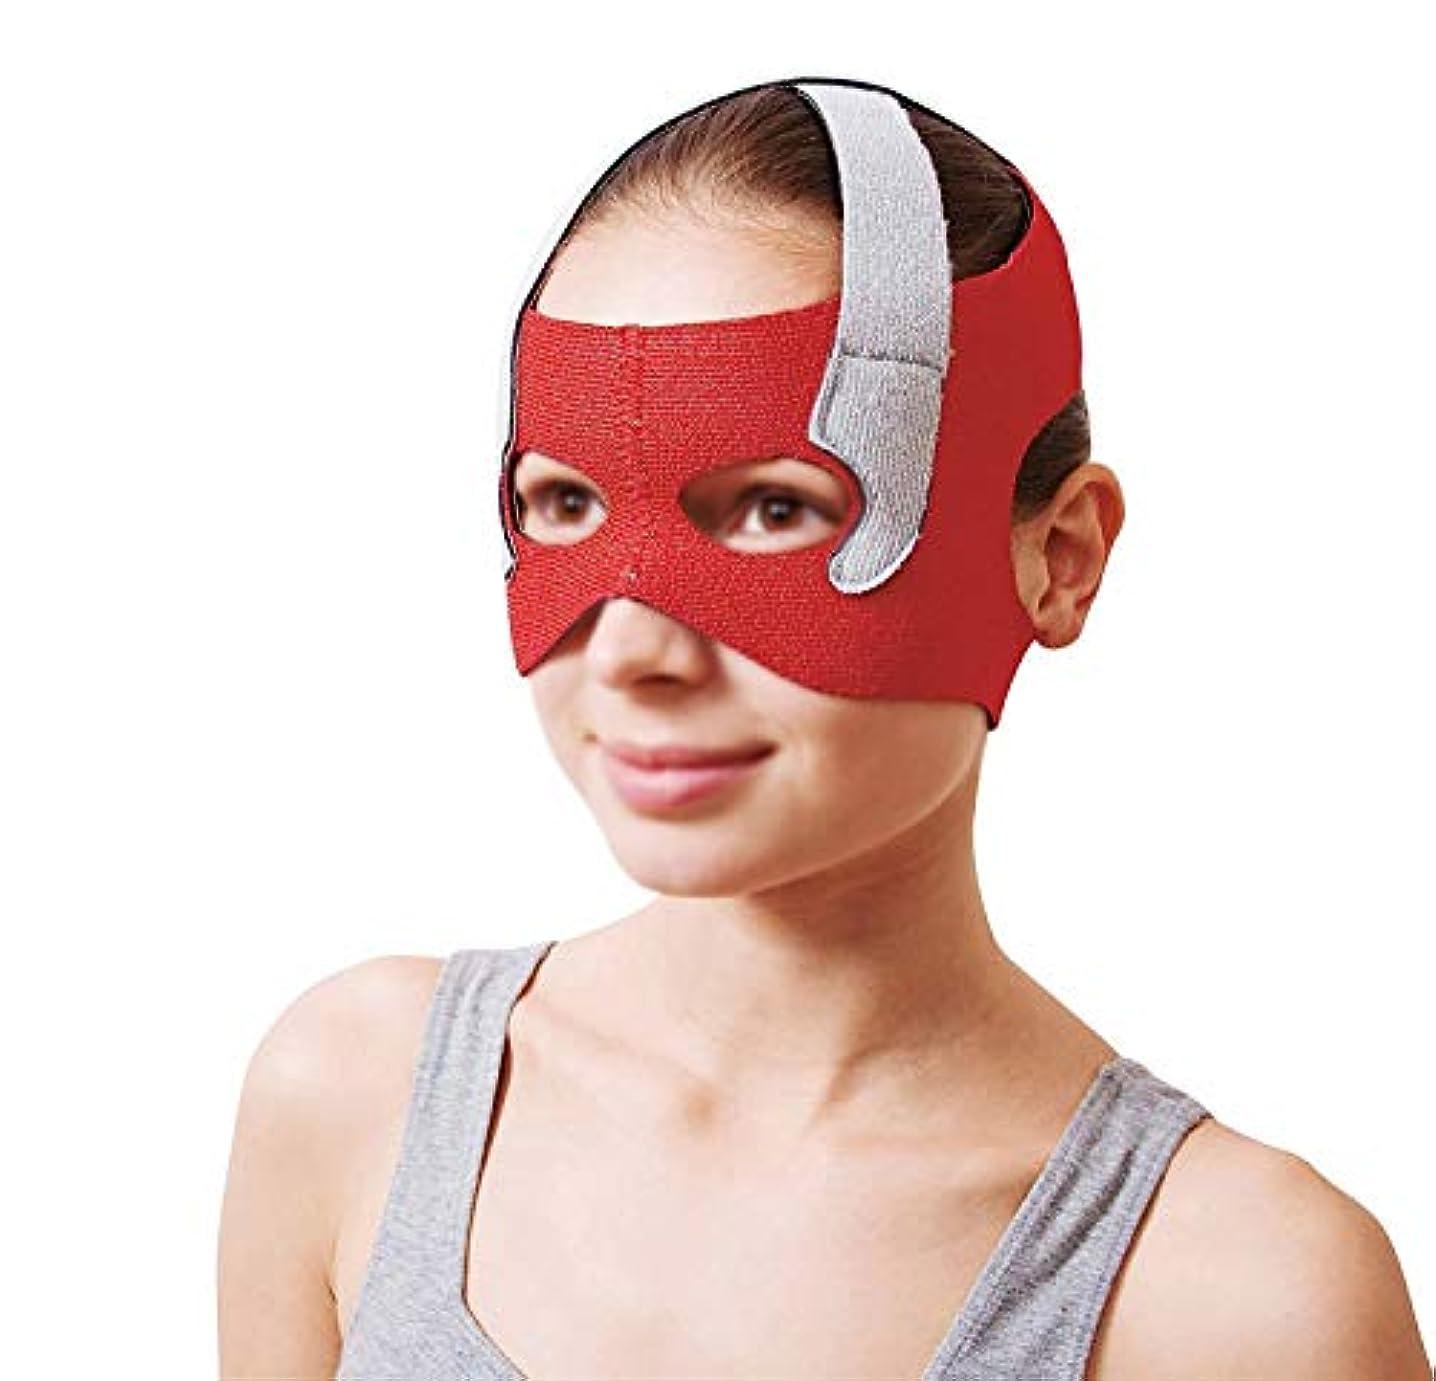 気取らないアルネモードリンフェイスリフトマスク、回復ポスト包帯ヘッドギアフェイスマスクフェイス薄いフェイスマスクアーティファクト美容ベルトフェイスとネックリフトフェイス円周57-68センチ